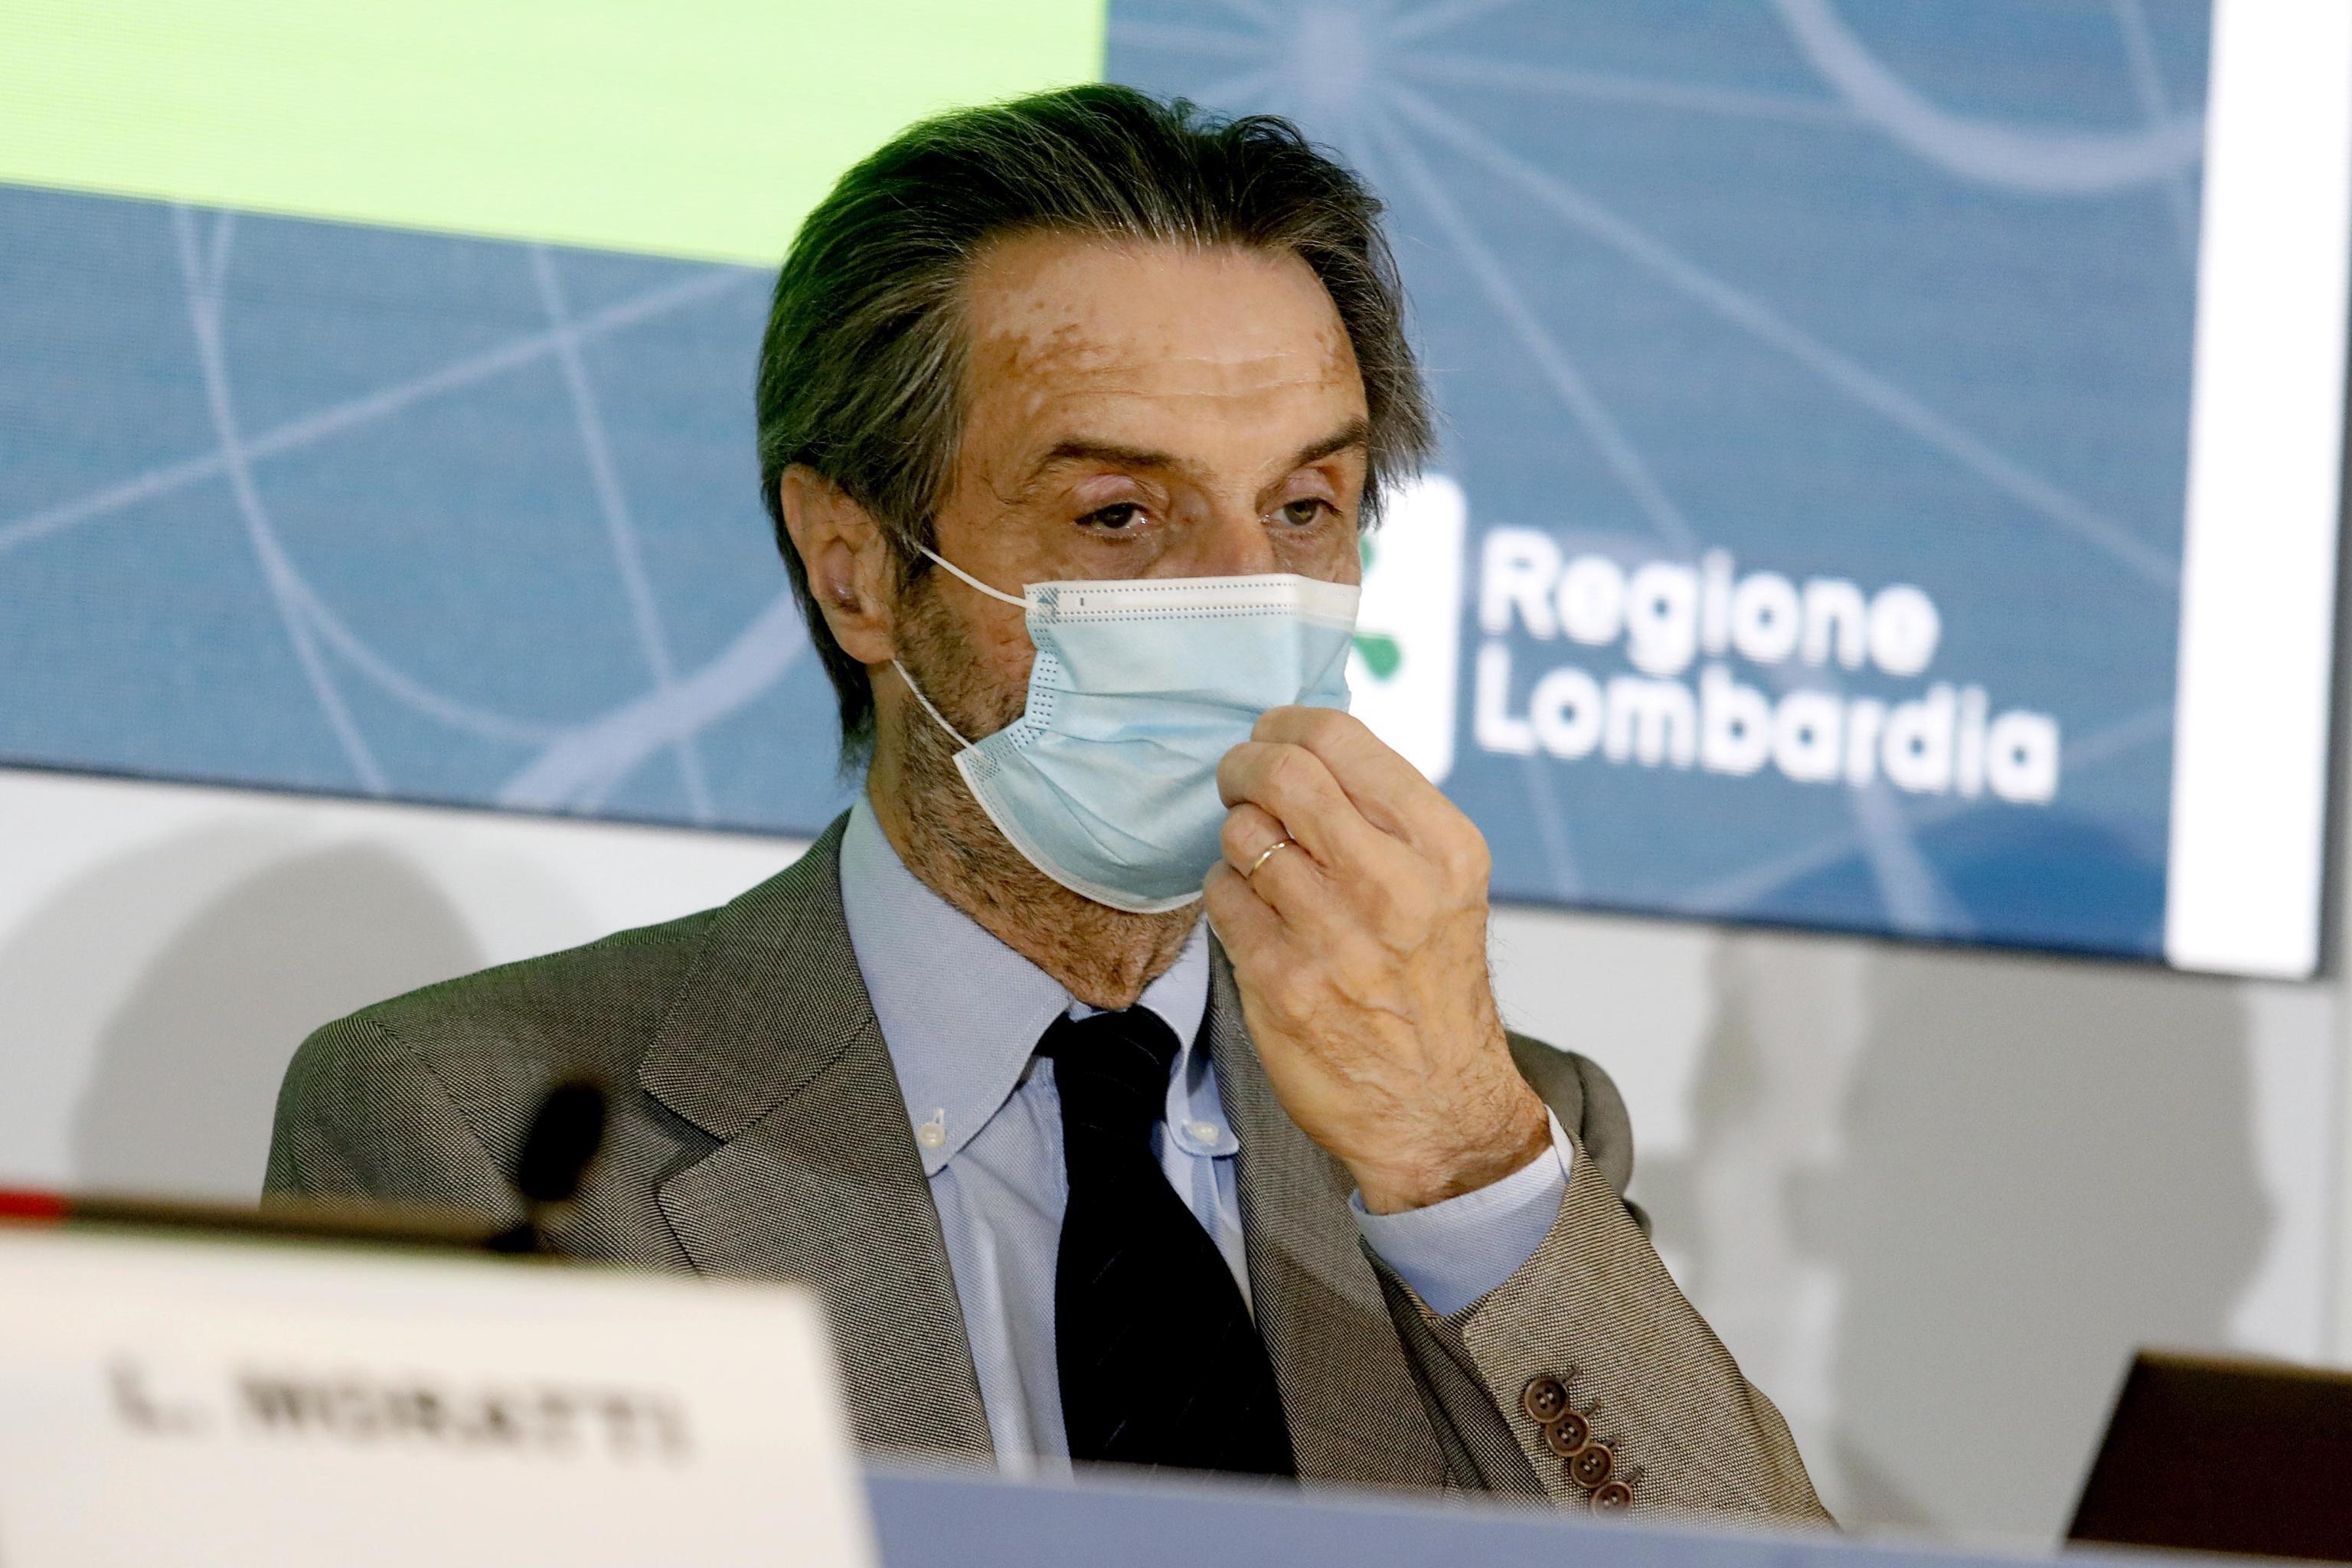 Lombardia, Fontana chiede le dosi di AstraZeneca avanzate: «Figliuolo pronto alla redistribuzione»